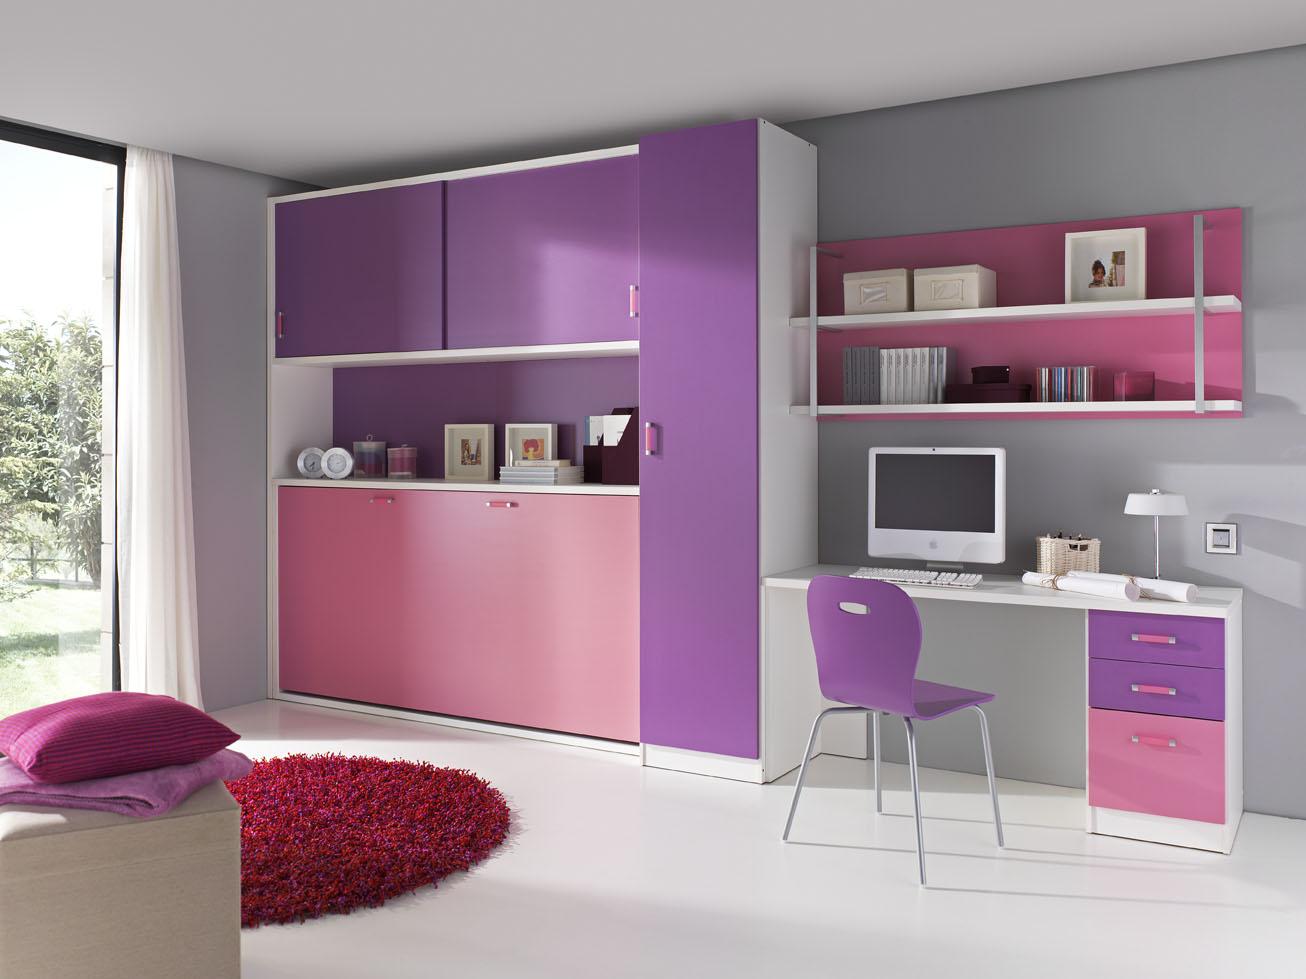 C mo aprovechamos el espacio muebles orts blog for Crear muebles juveniles